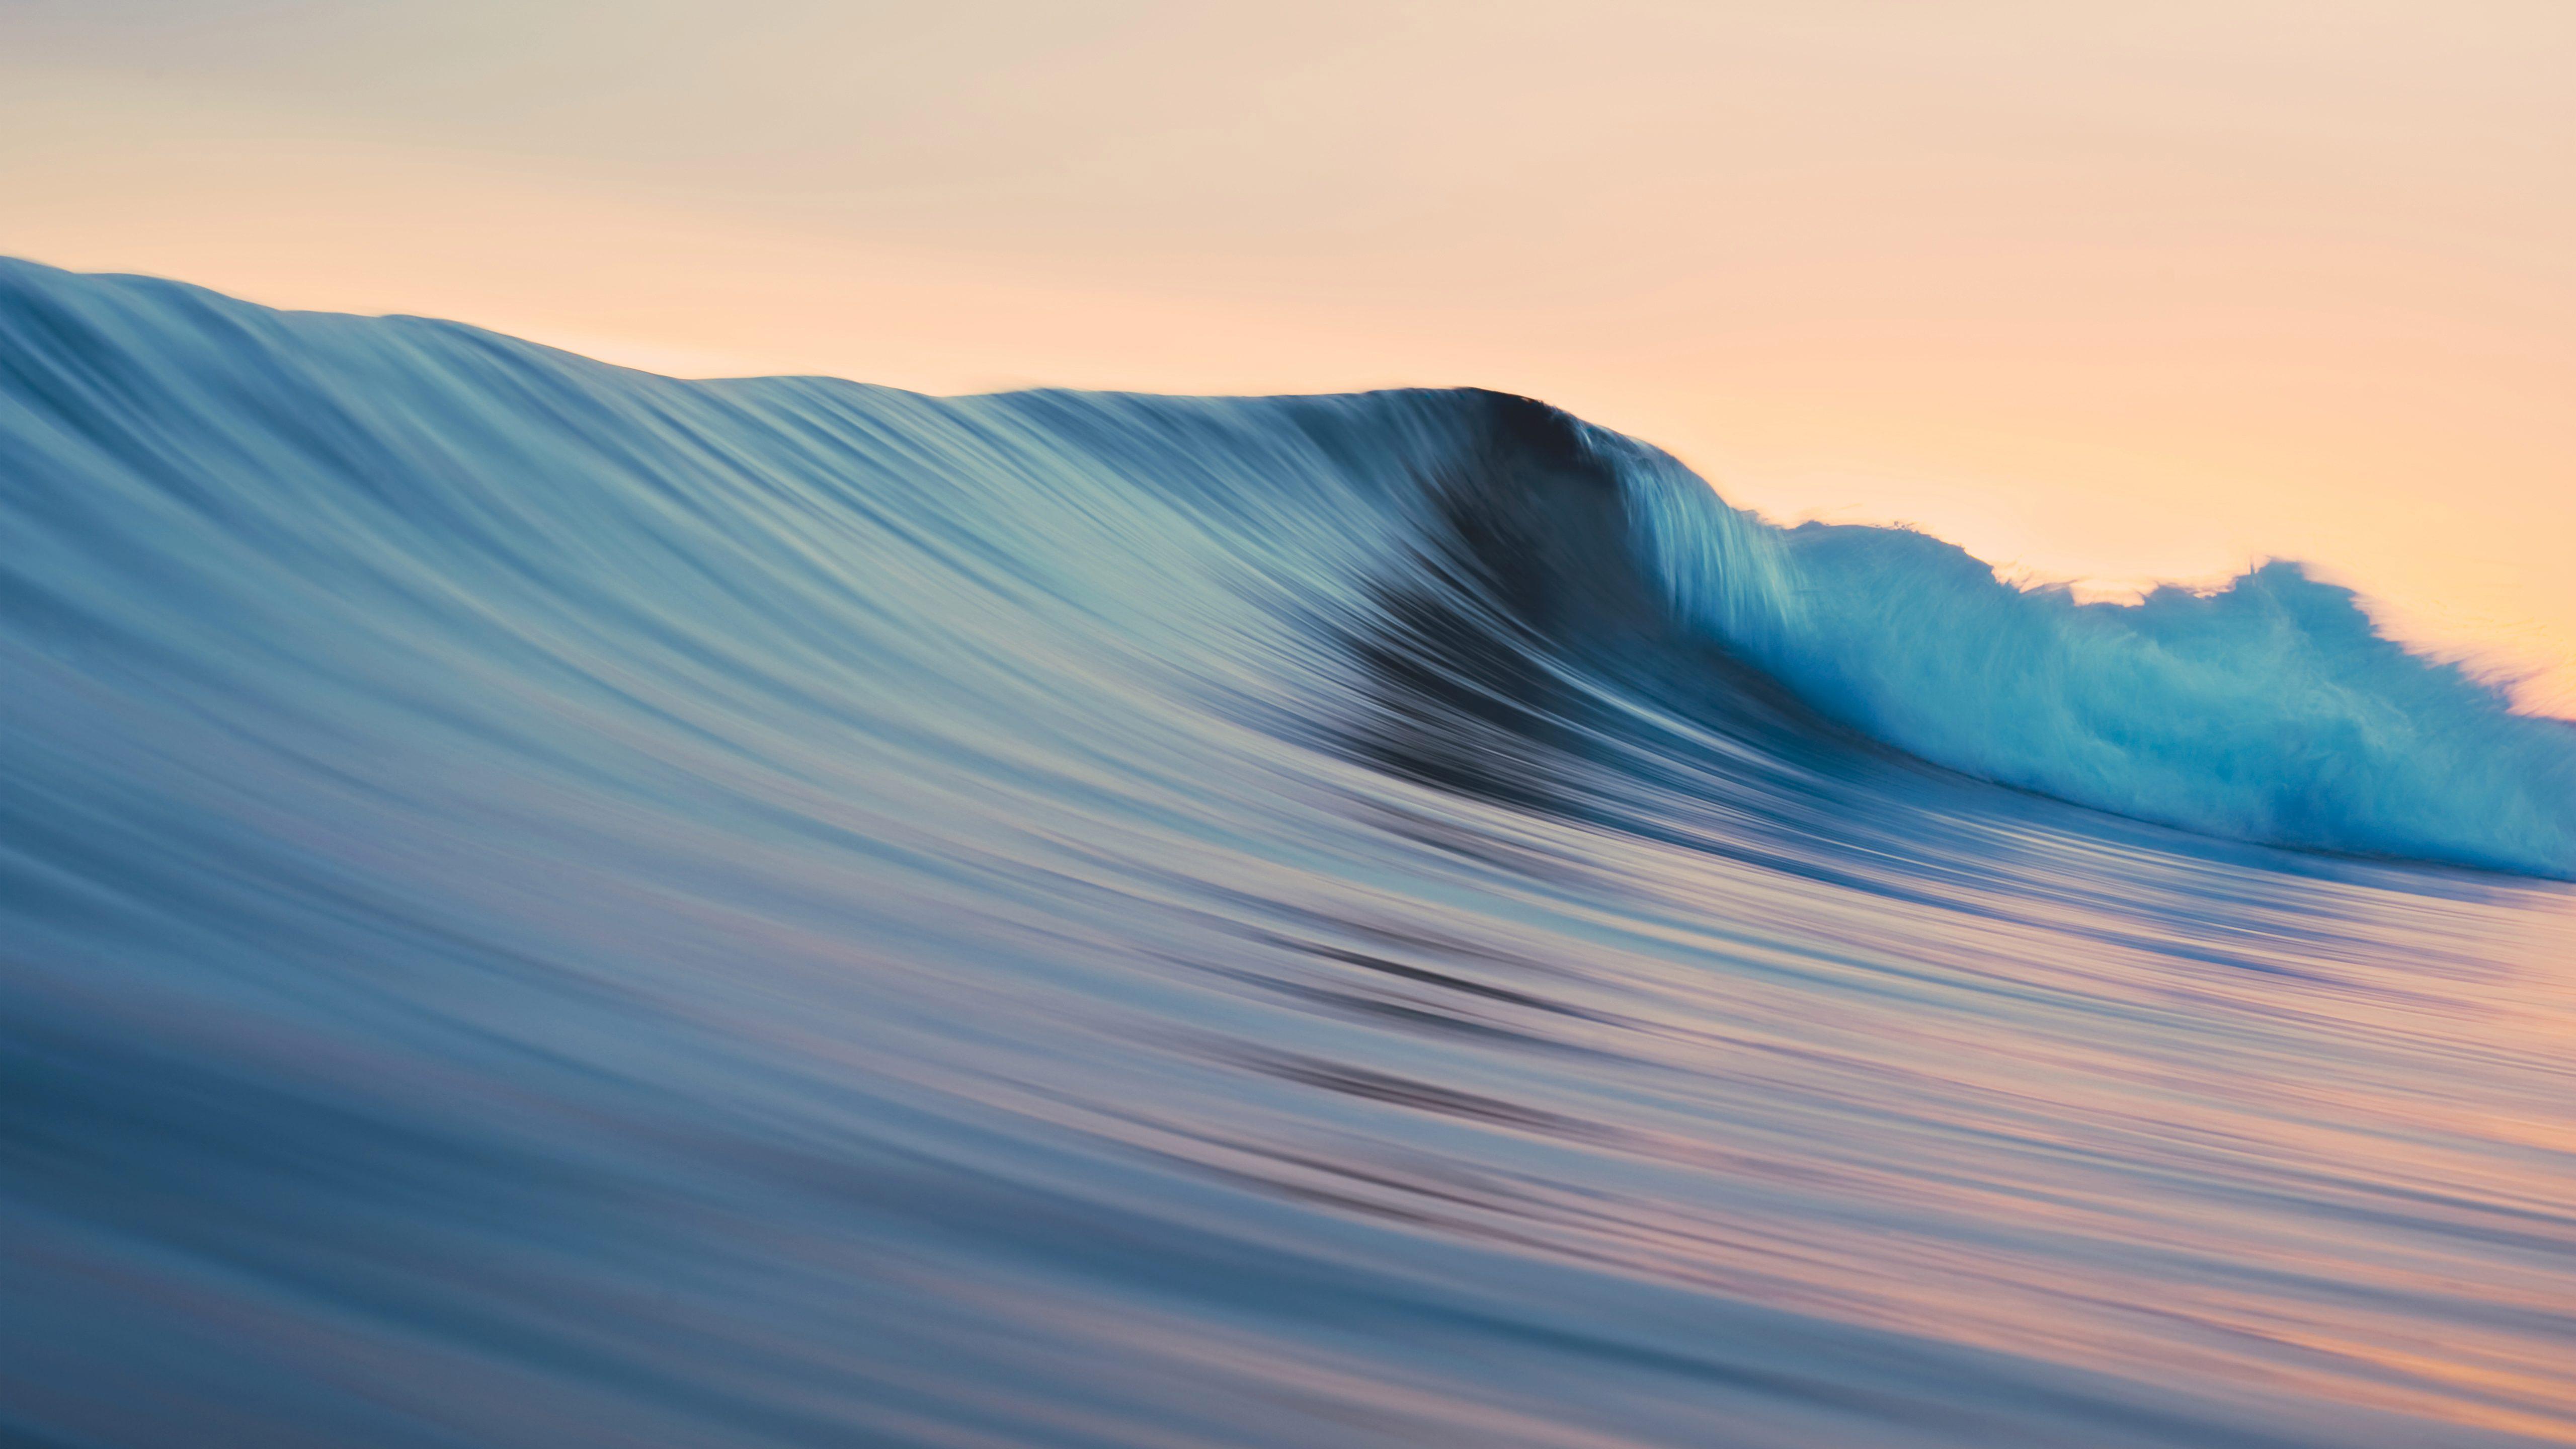 Катятся волны. обои скачать